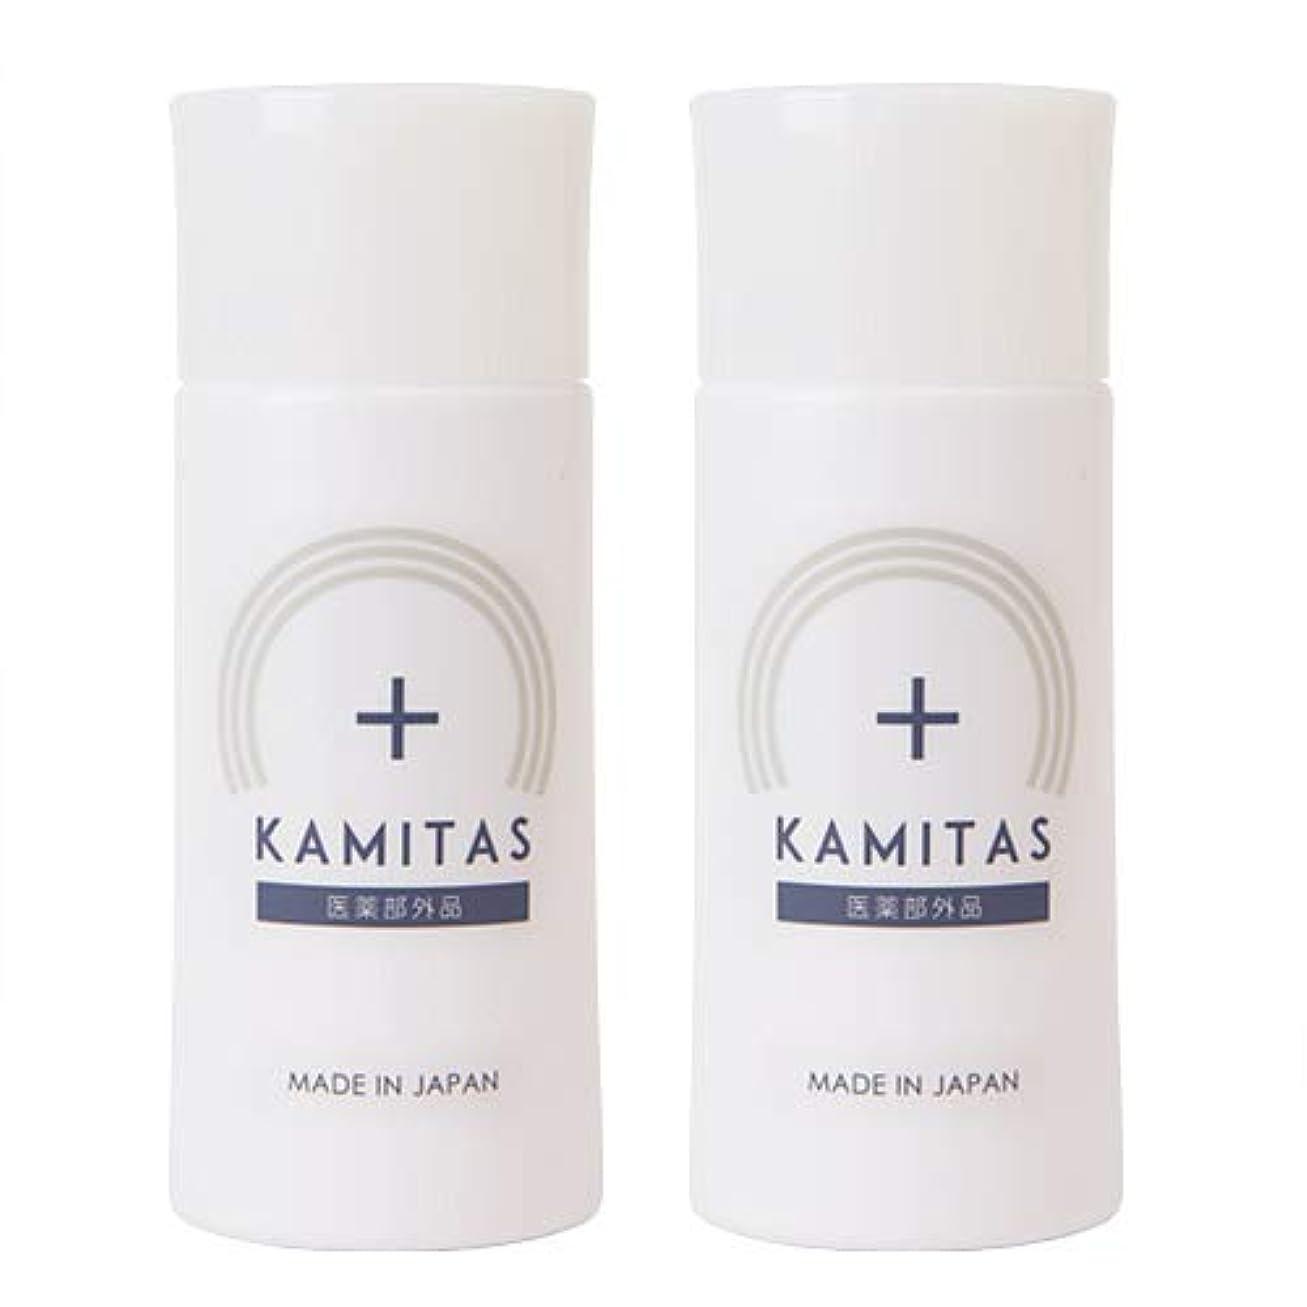 エトナ山やがてボイド【2本セット】医薬部外品 薬用育毛剤 KAMITAS+(法朵絲)